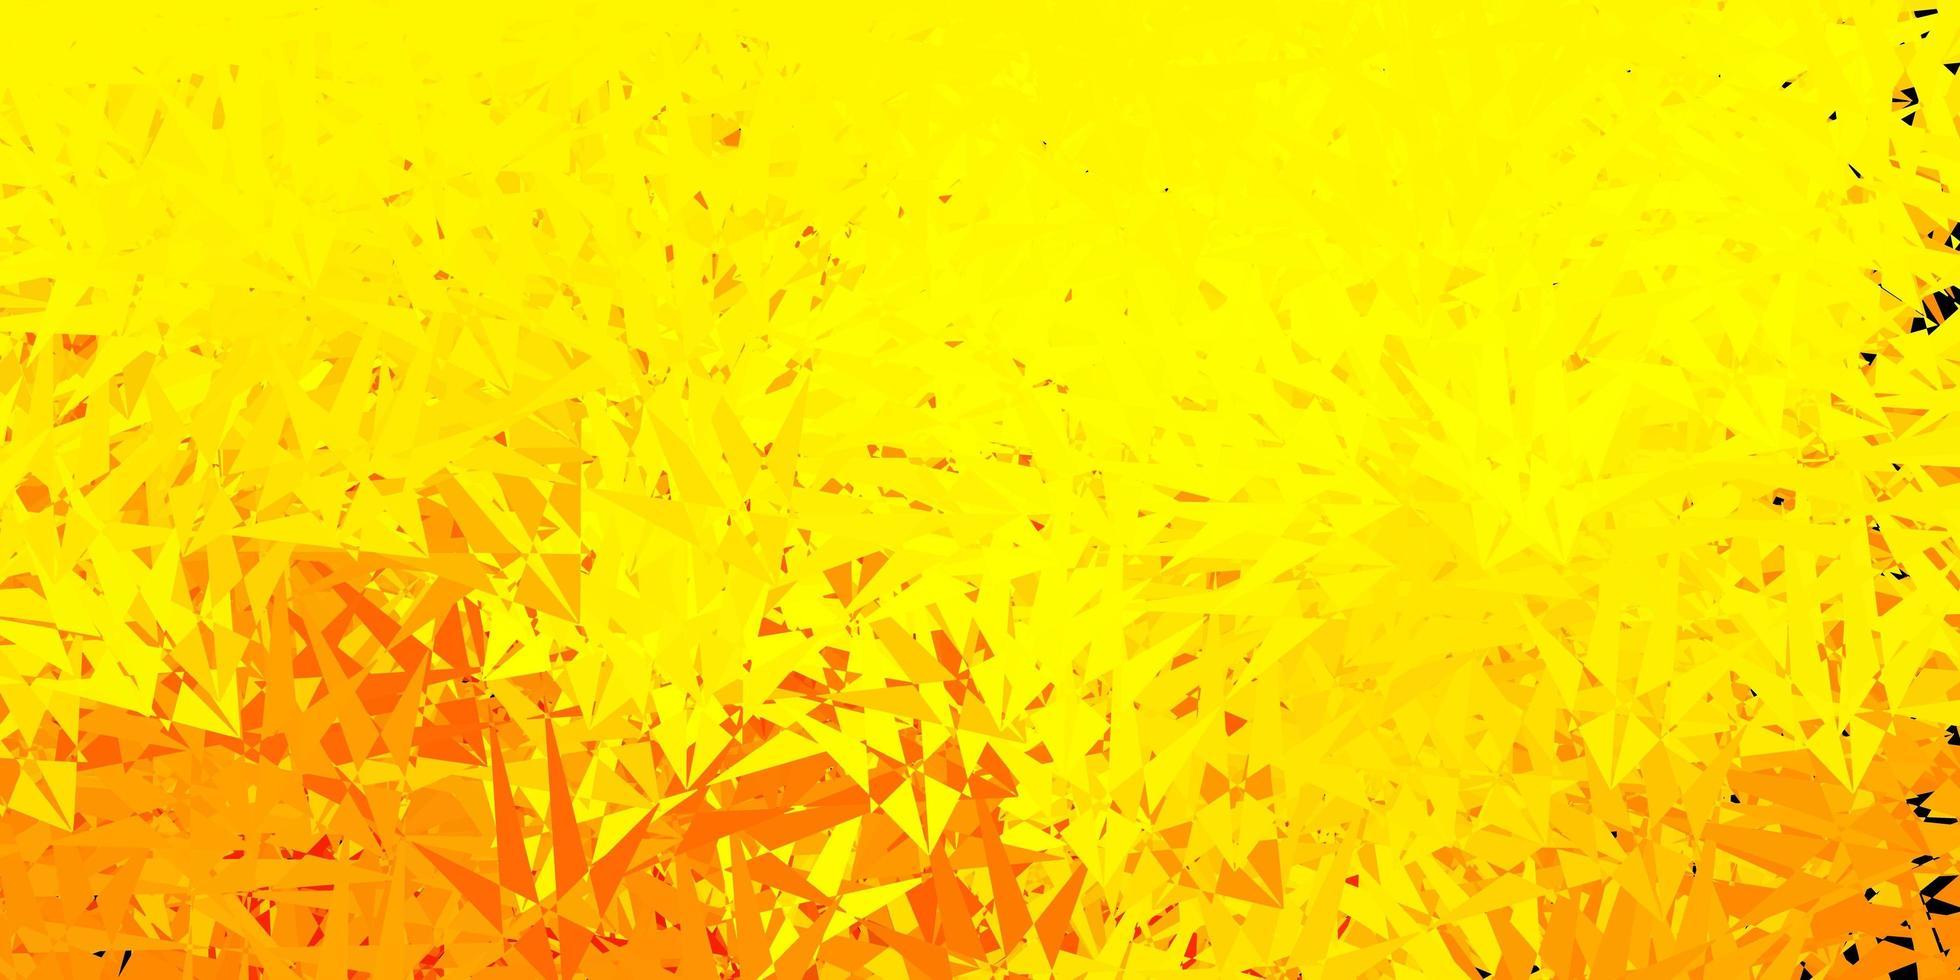 fond jaune clair avec des formes polygonales. vecteur